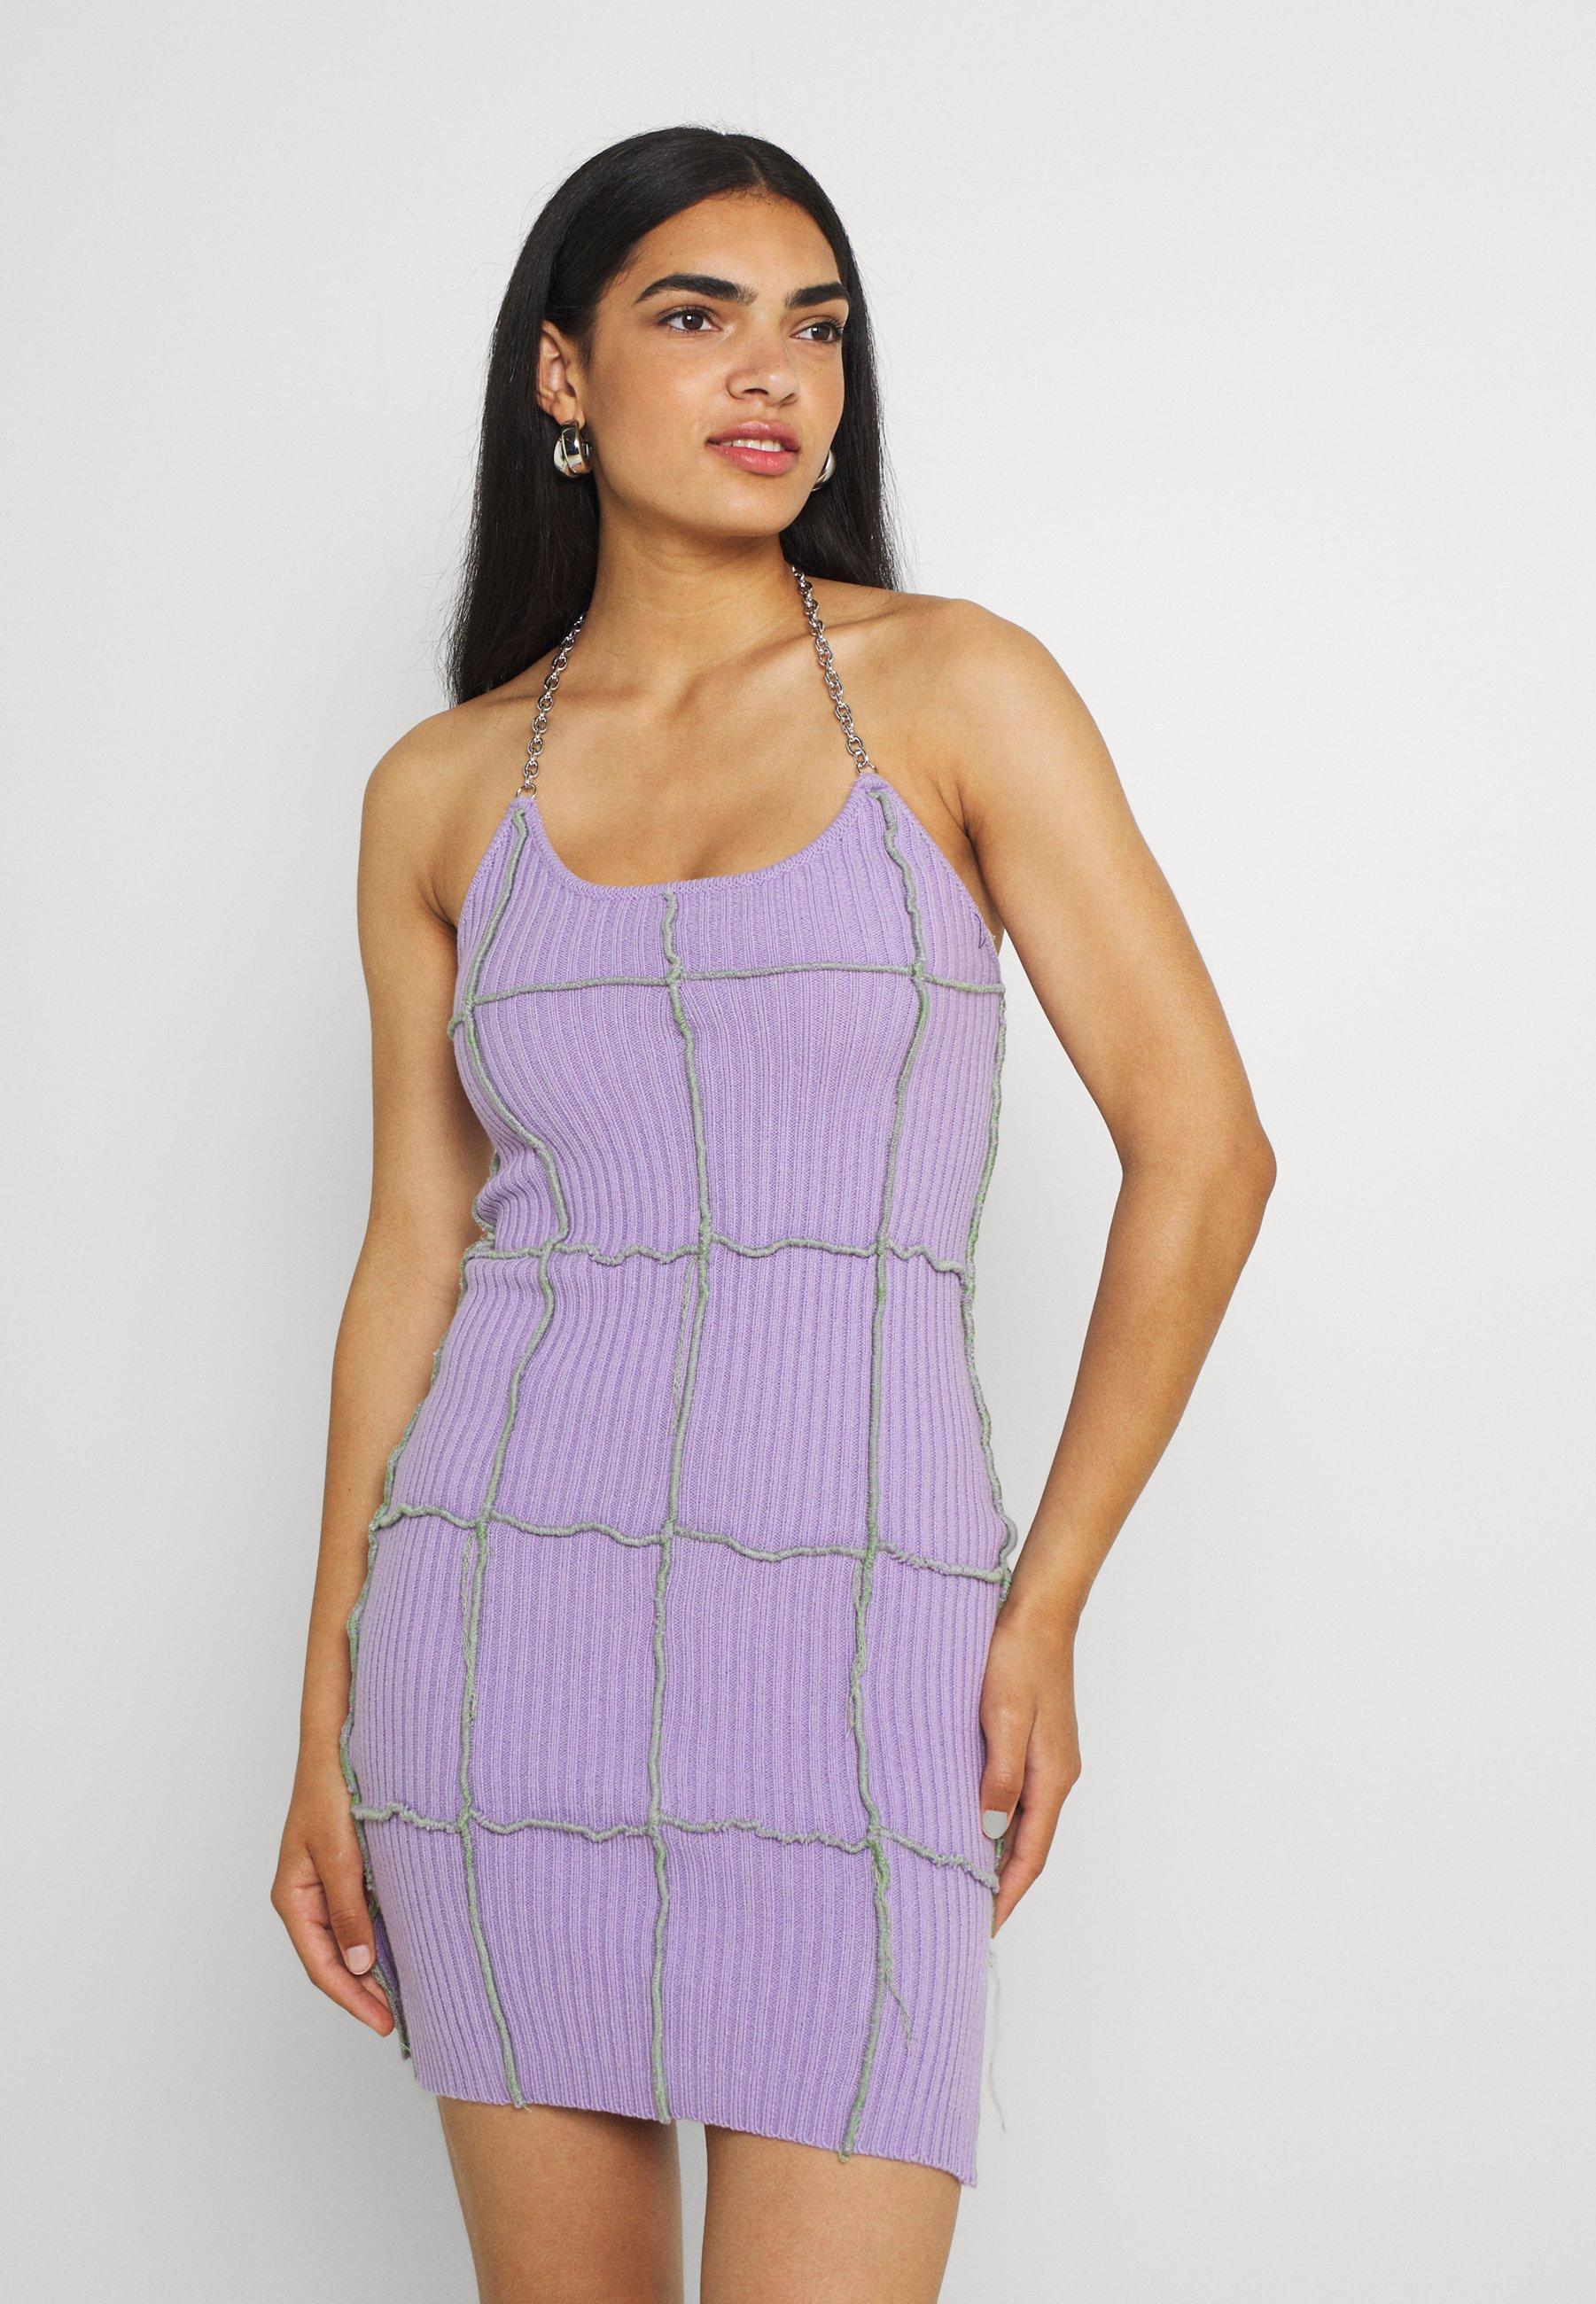 Femme BASKER HALTER DRESS - Robe pull